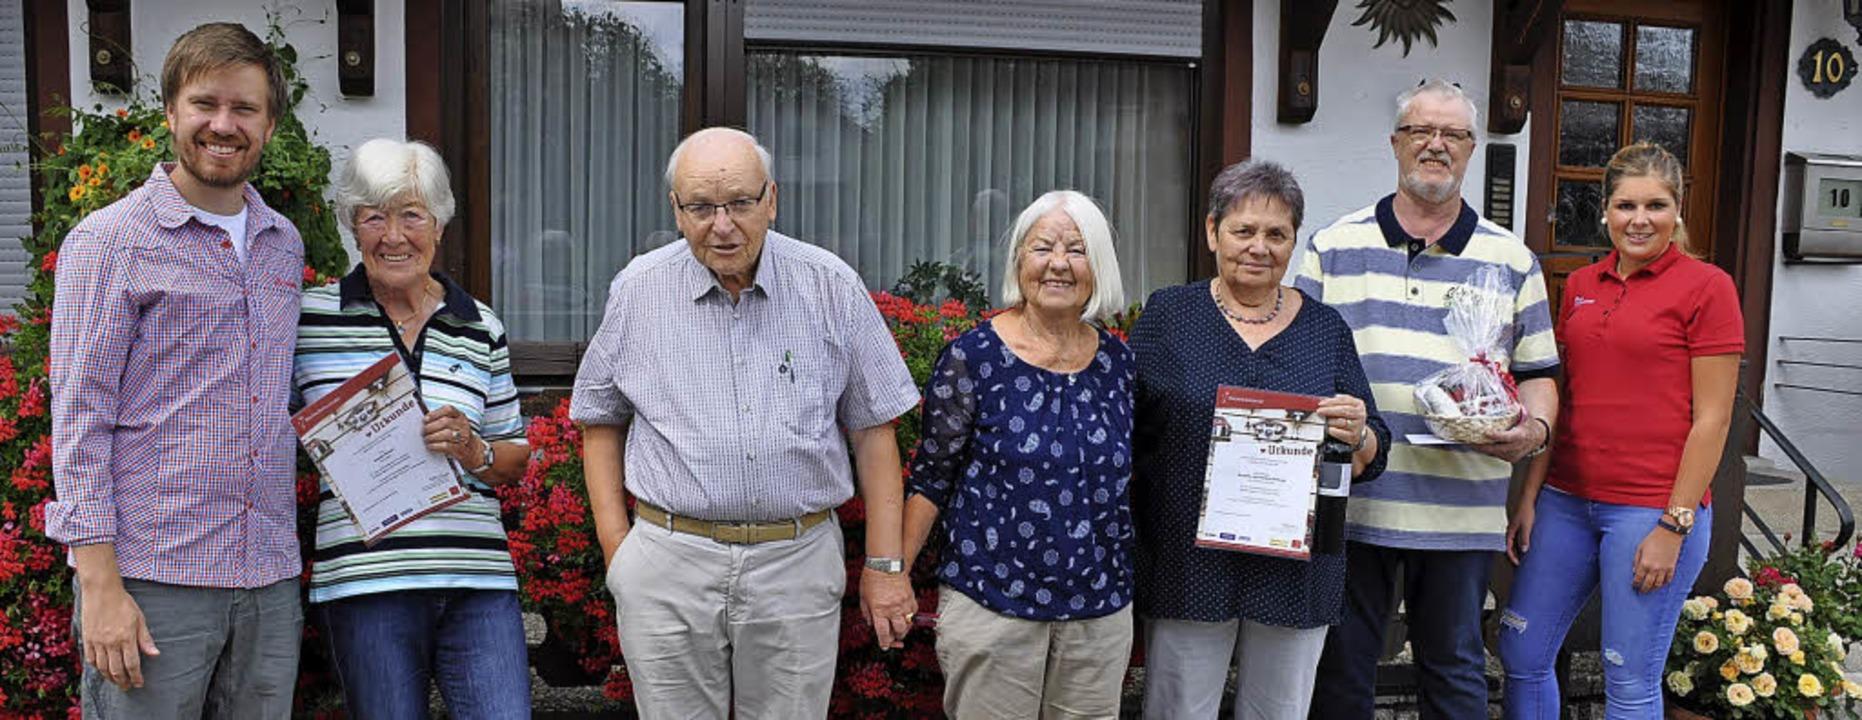 Gästeehrung im Hause Schropp (von link...mal) und Corinne Herzog von der  HTG.   | Foto: Ursula Ortlieb